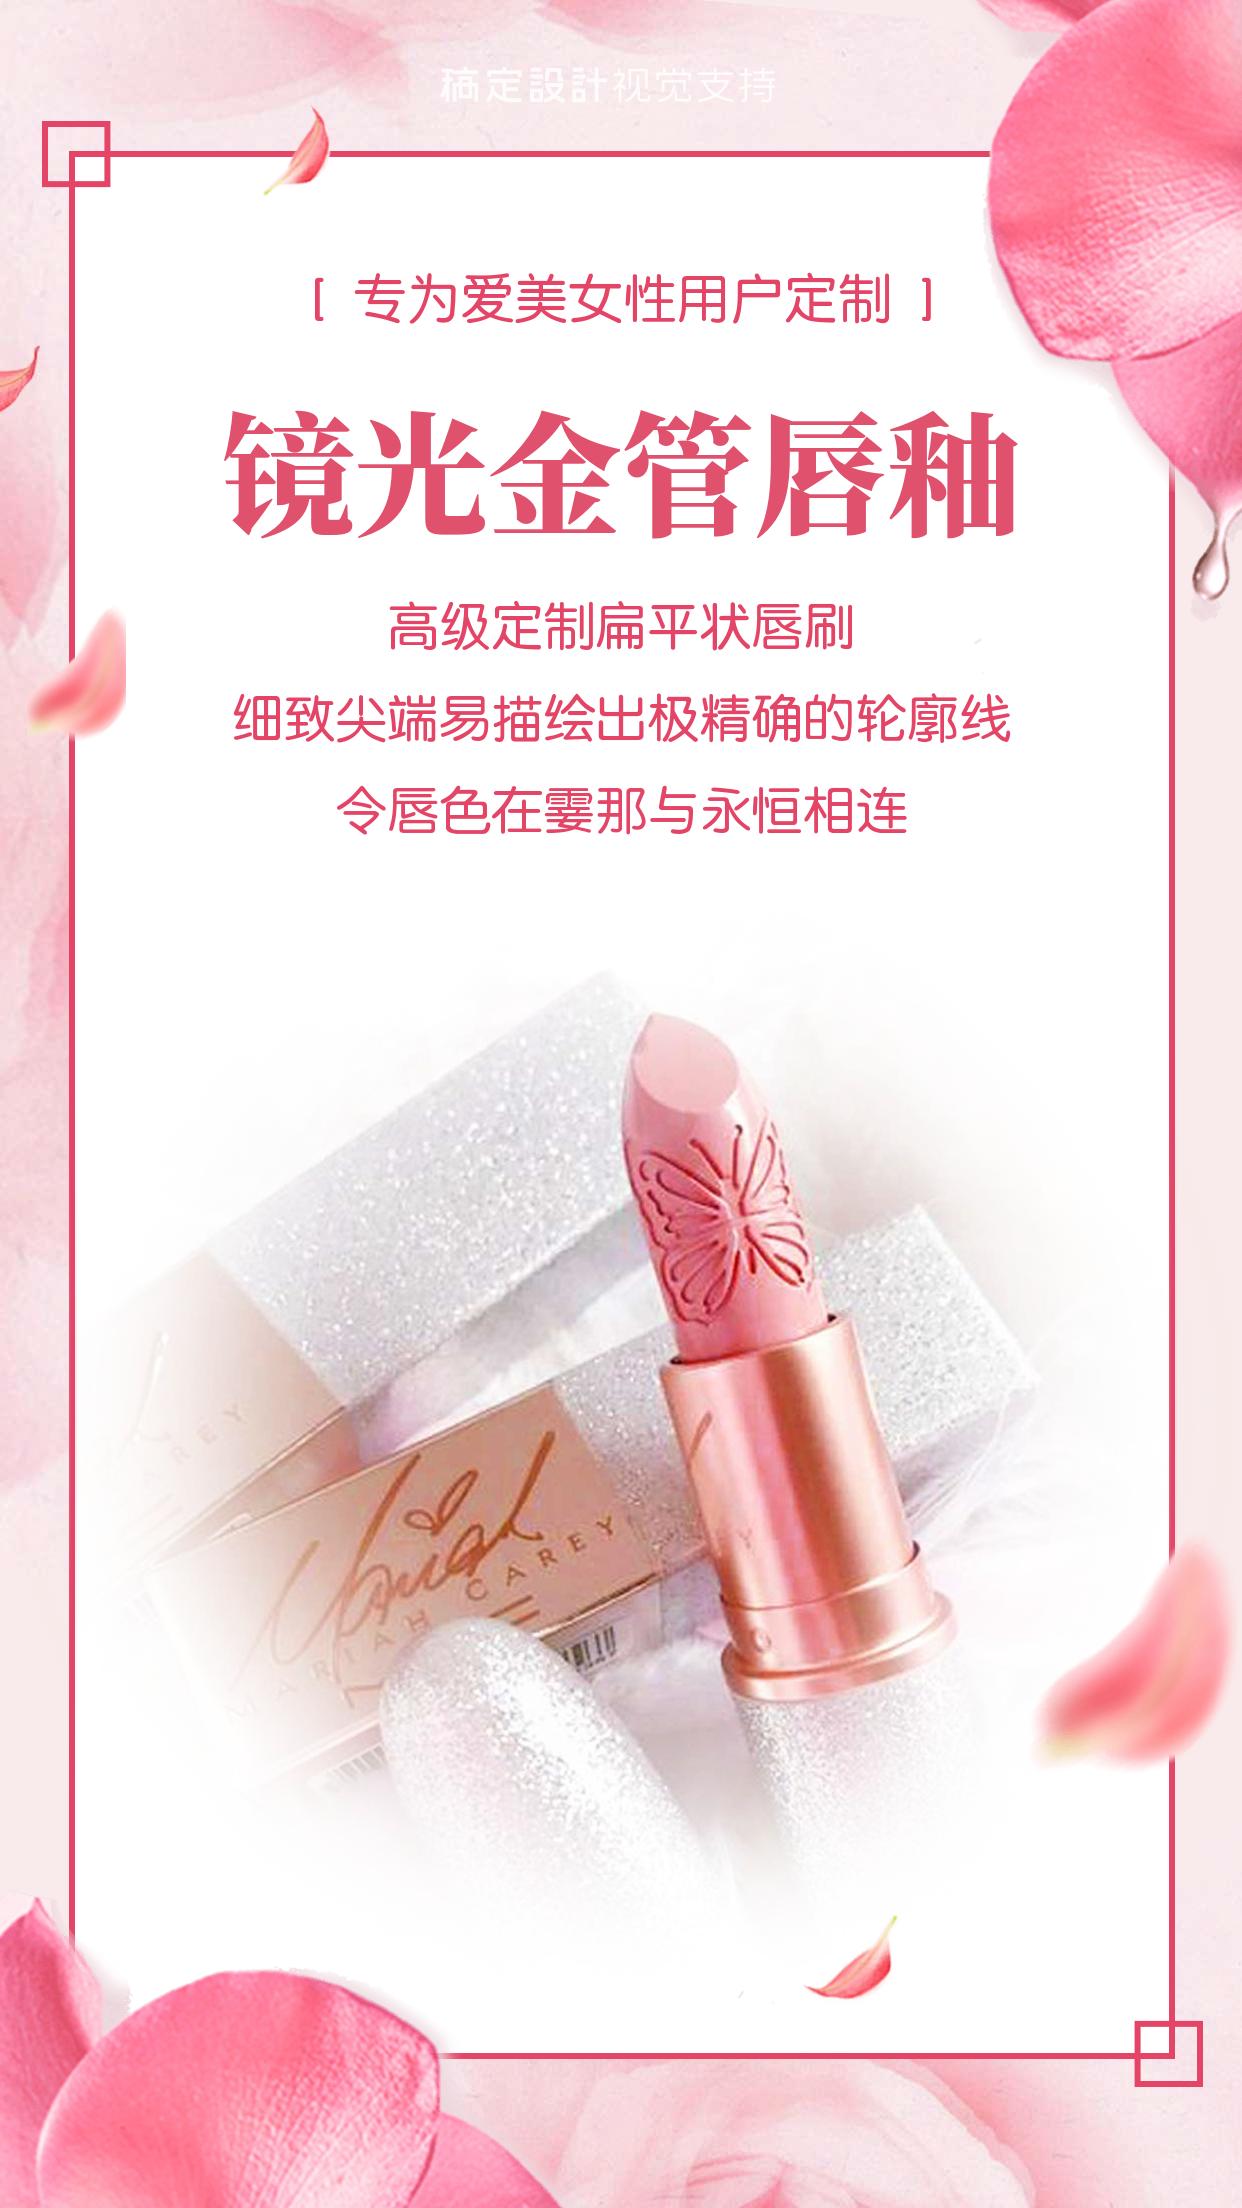 彩妆产品展示